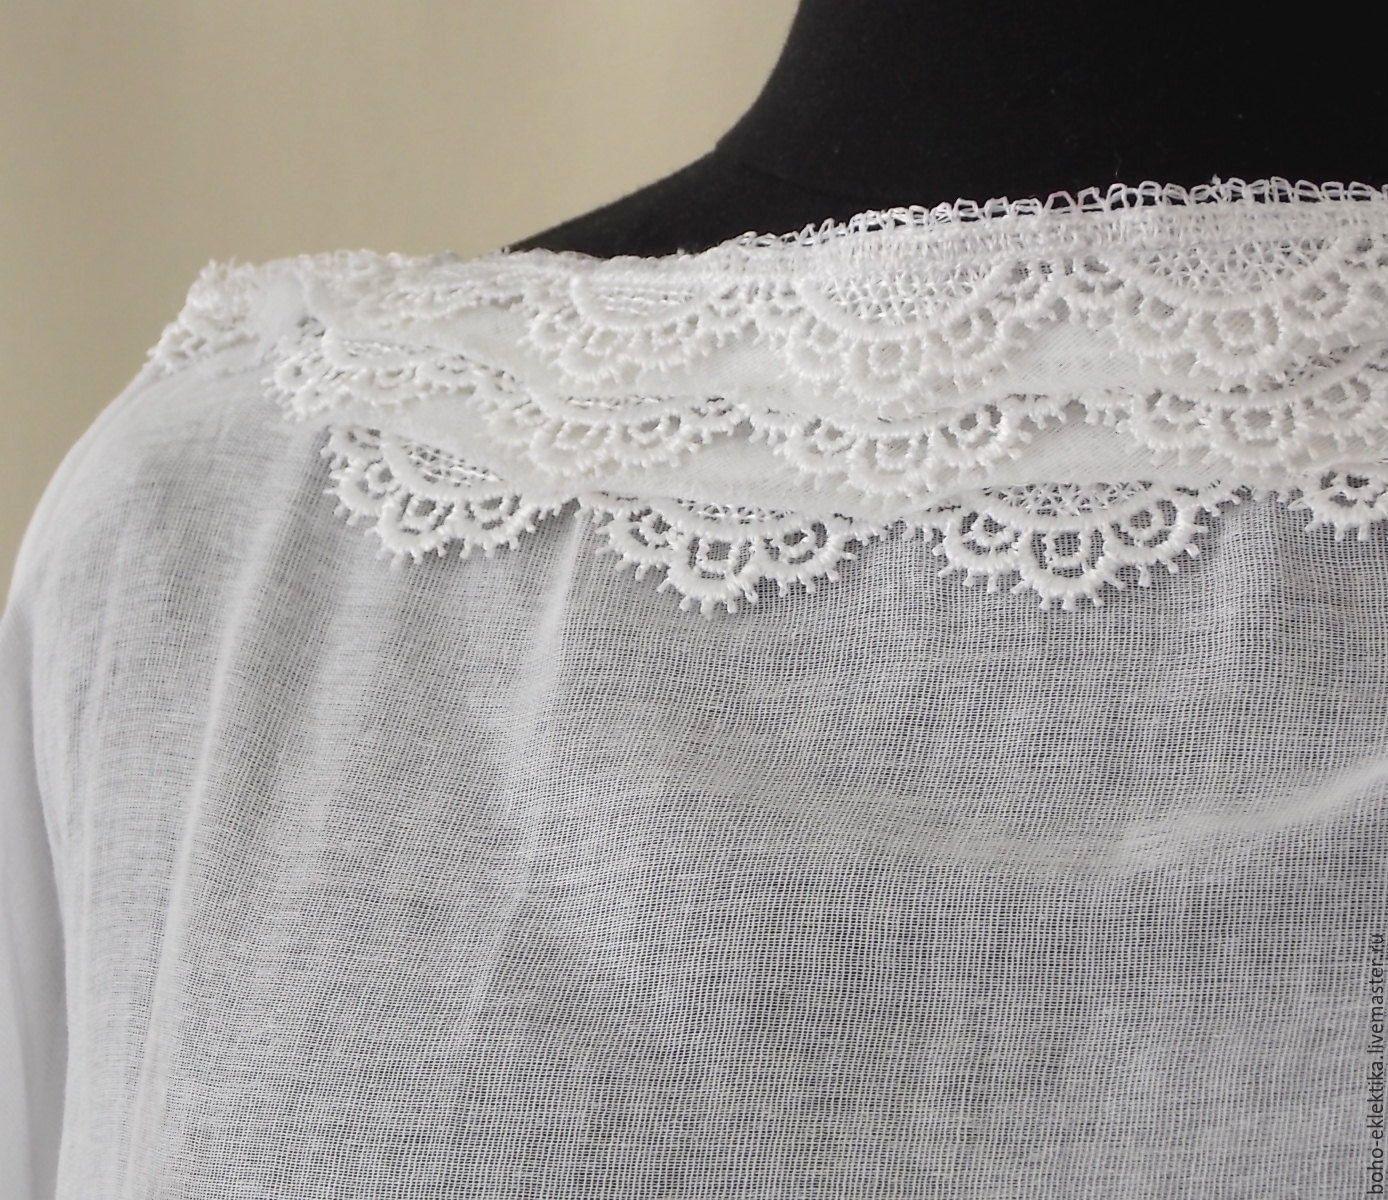 6eefe9e1b8a Blouses handmade. Blouse cotton white Bohemian